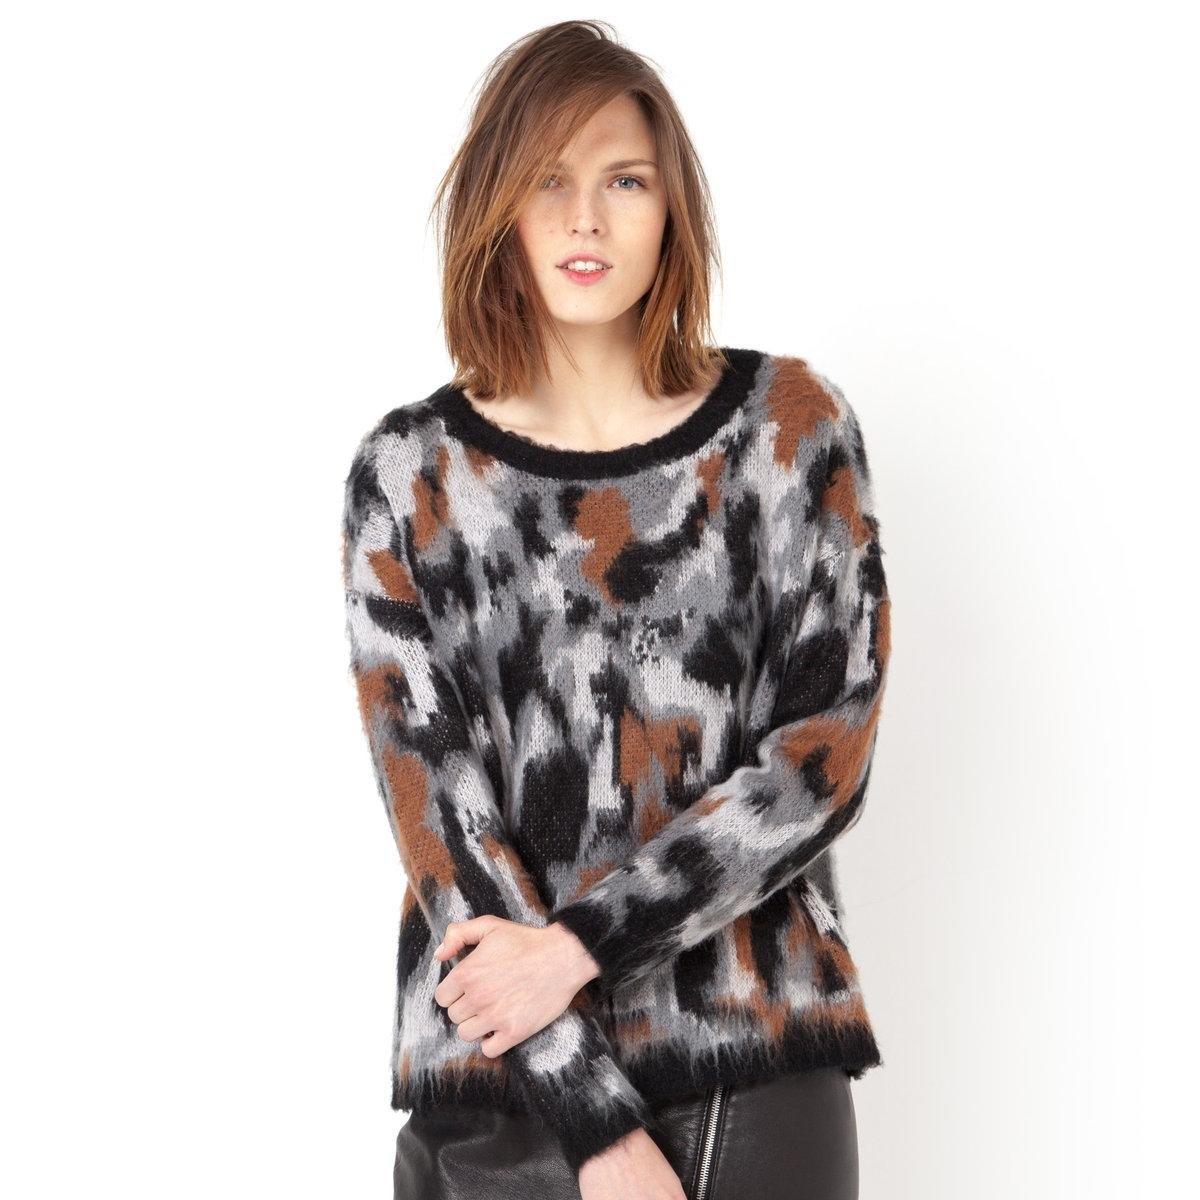 Пуловер с животными мотивамиПуловер с животными мотивами из трикотажа, 100% акрила. Круглый вырез. Края связаны в рубчик.<br><br>Цвет: темно-бежевый